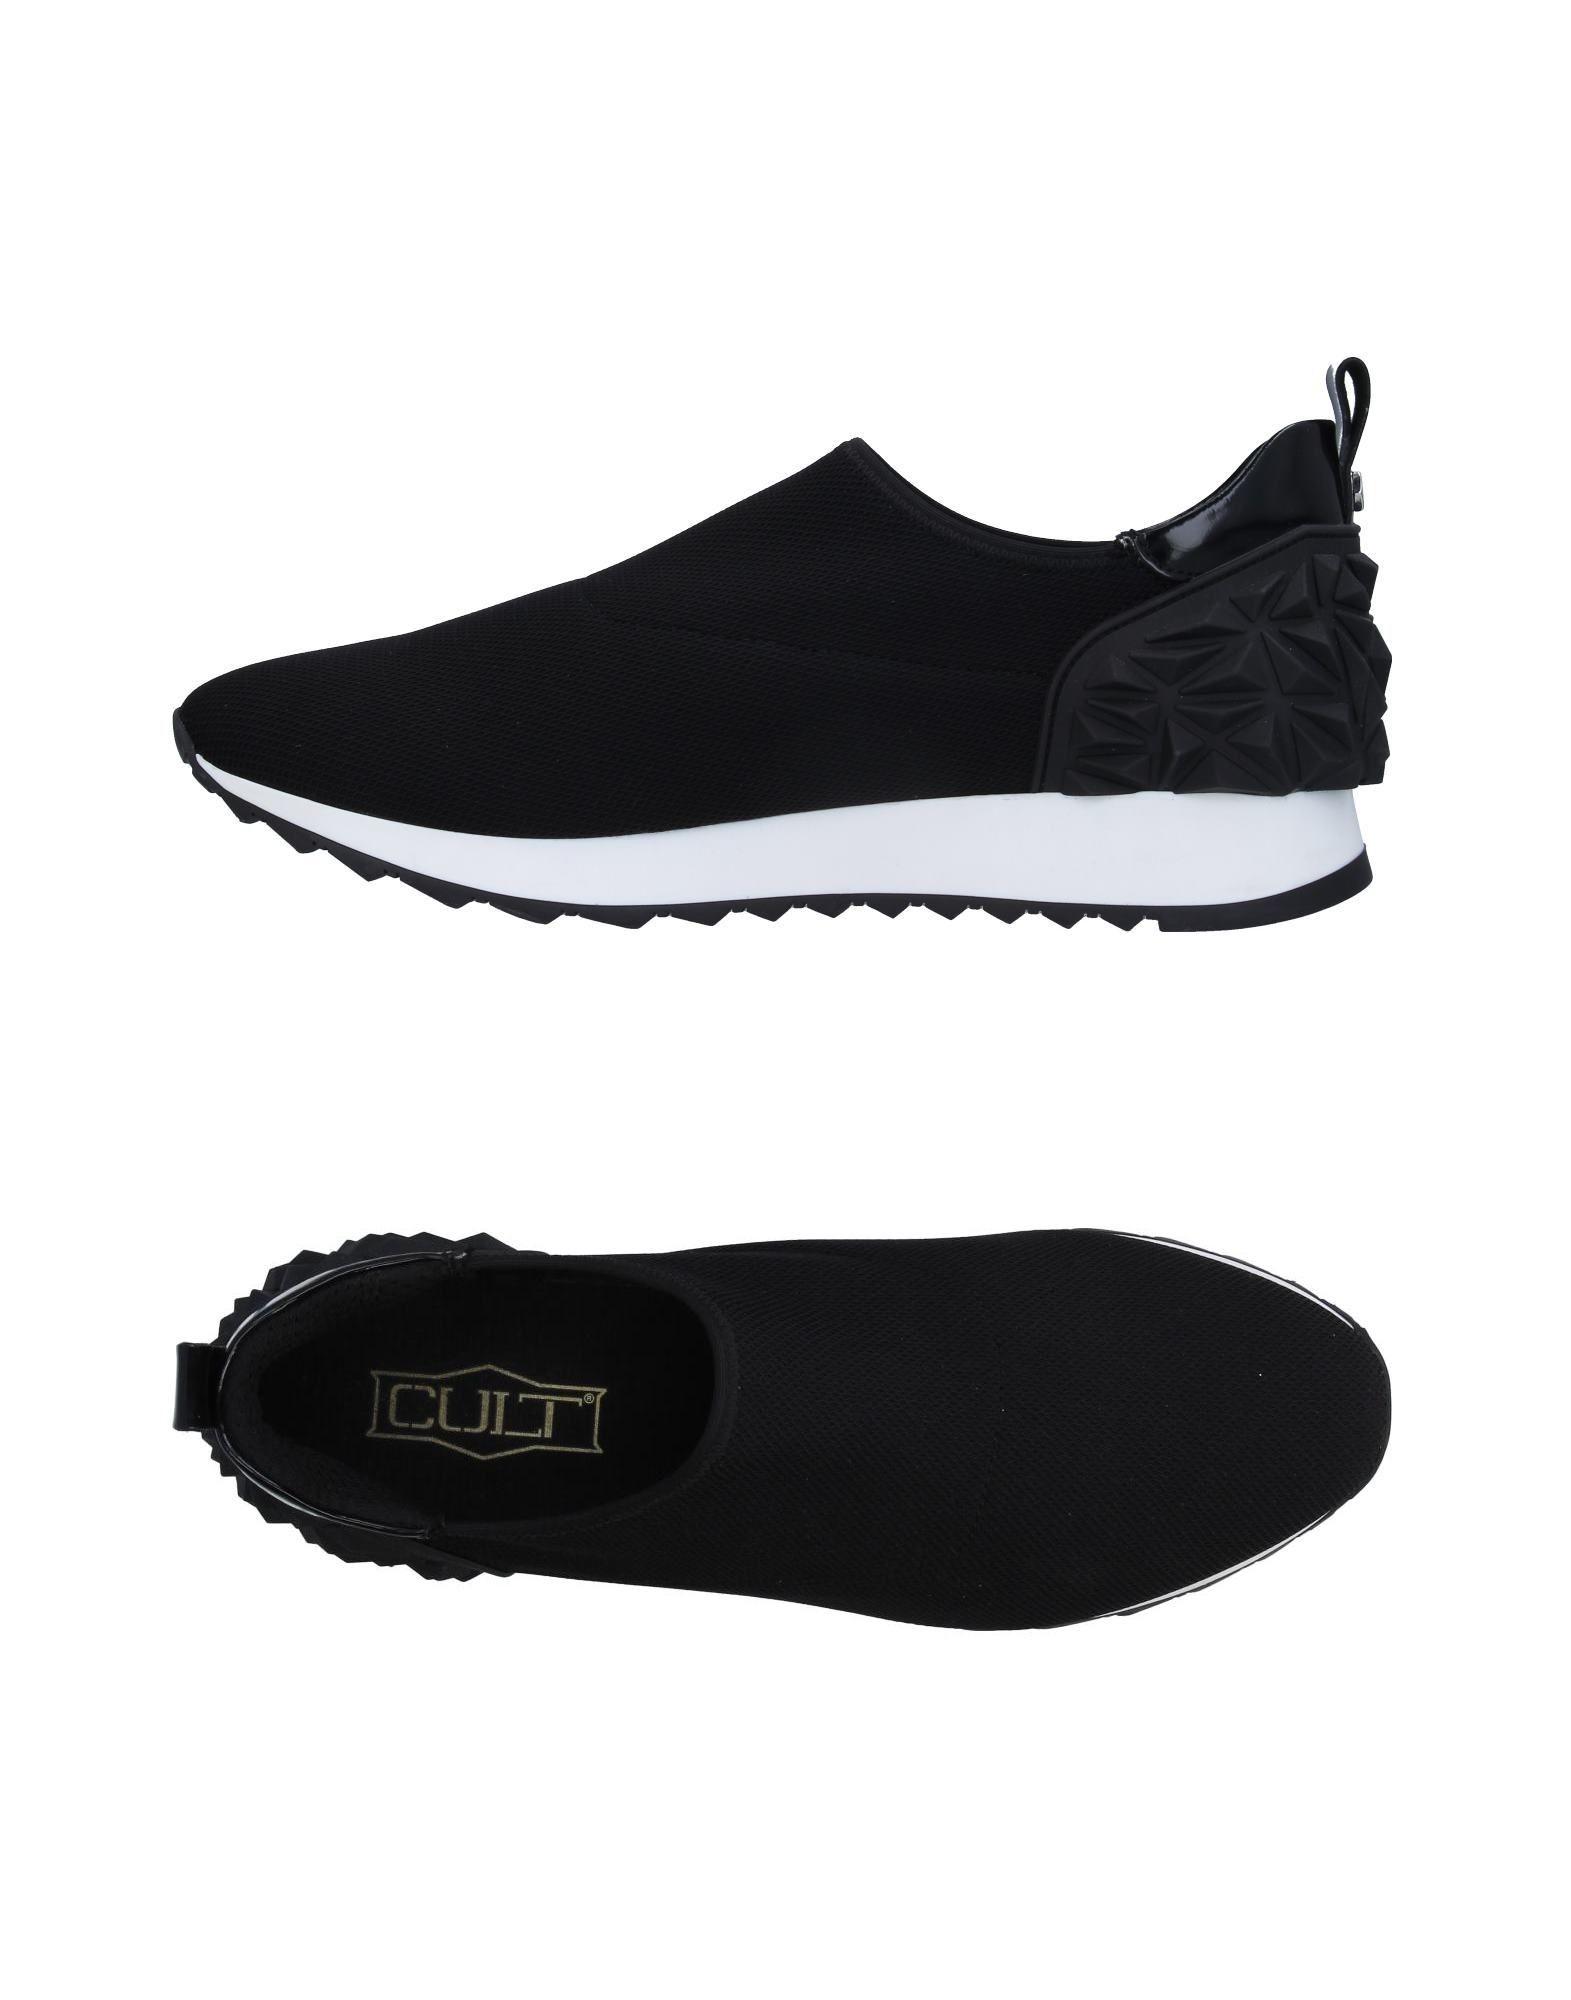 Rabatt Cult echte Schuhe Cult Rabatt Sneakers Herren  11298307AW 404726